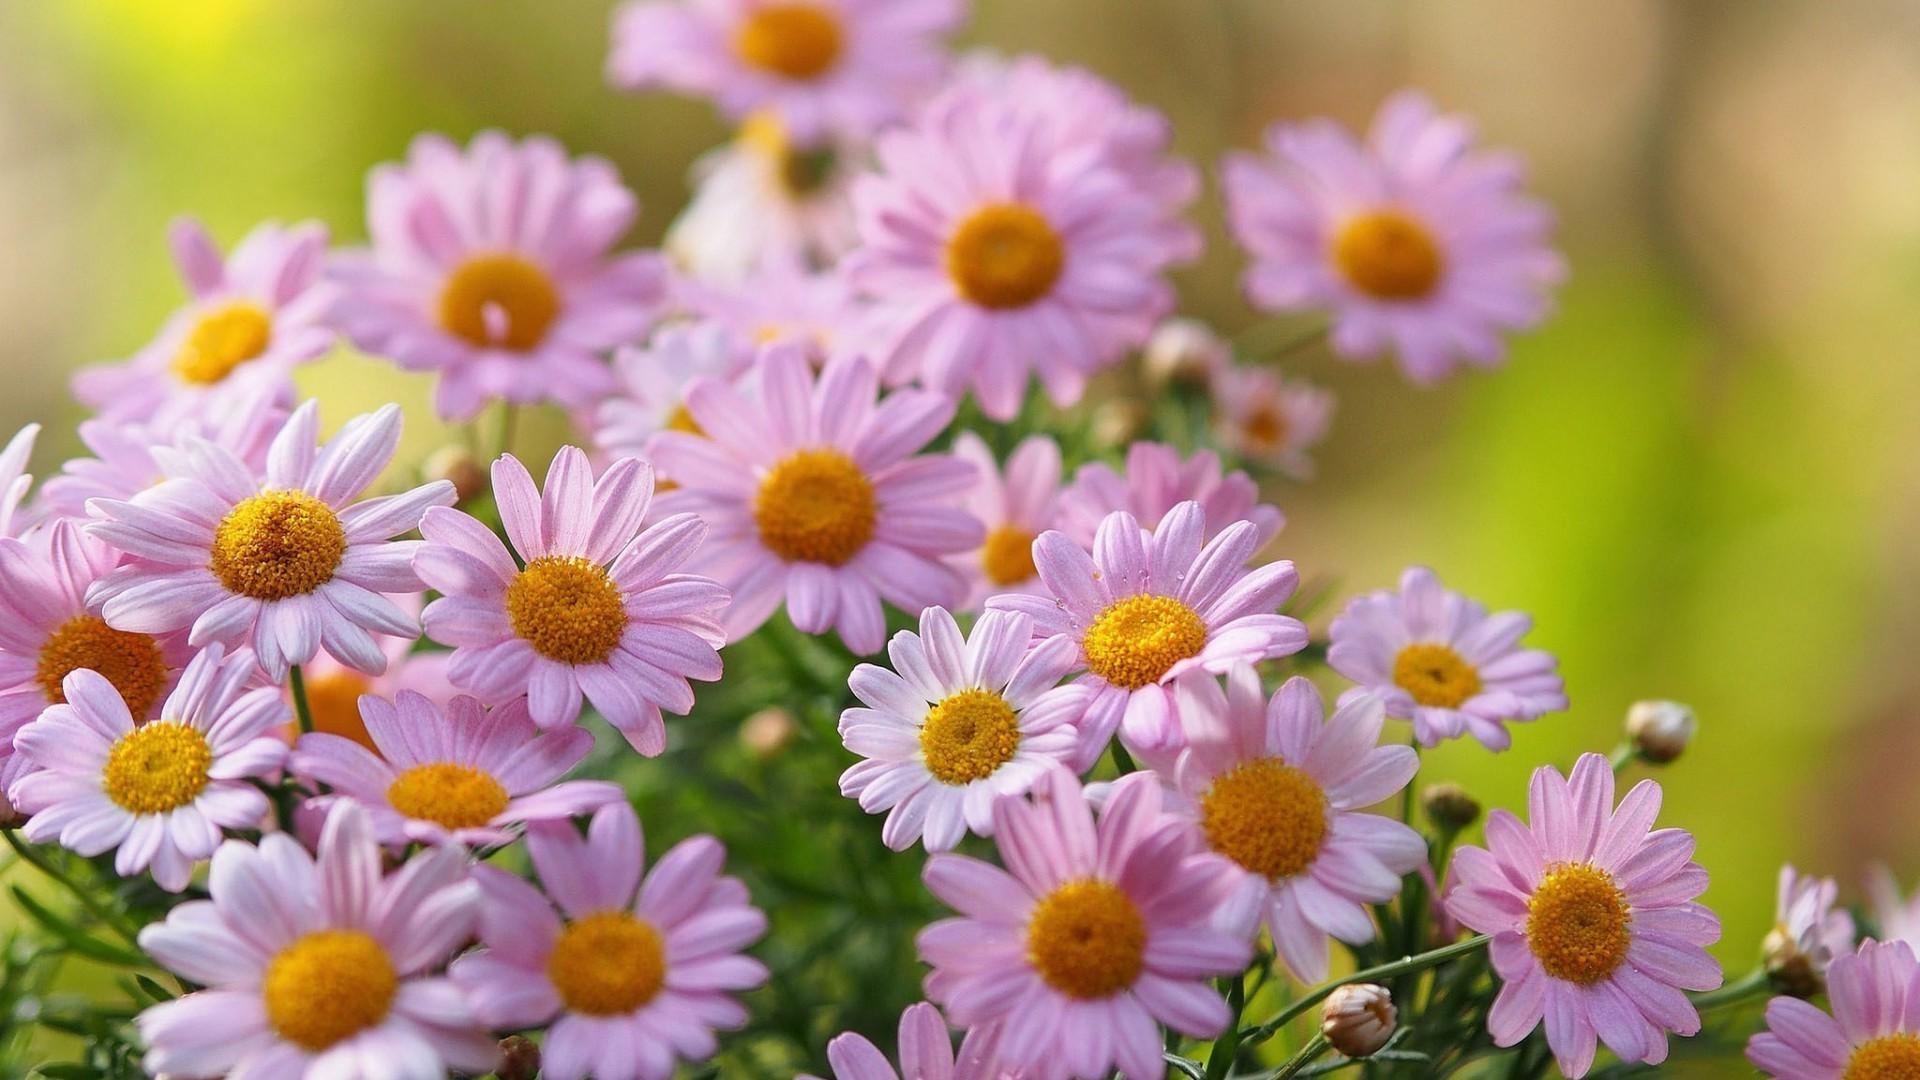 природа цветы ромашка крупый план на телефон